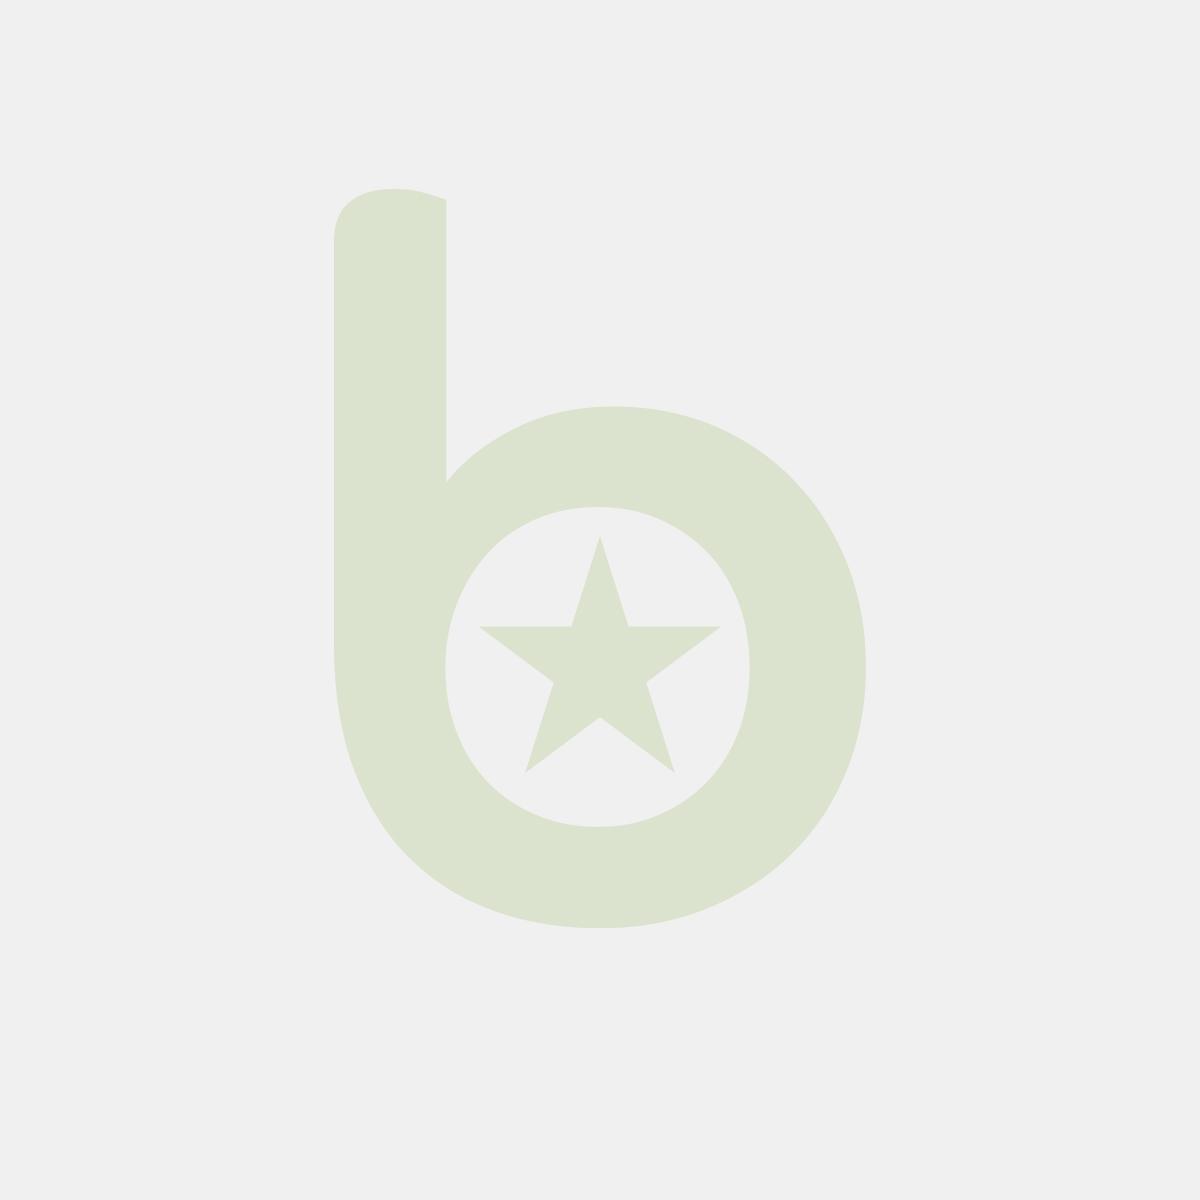 Bloczek samoprzylepny POST-IT® Super Sticky w linie, (675-SS3-MIA), 101x101mm, 3x70 kart., paleta Miami